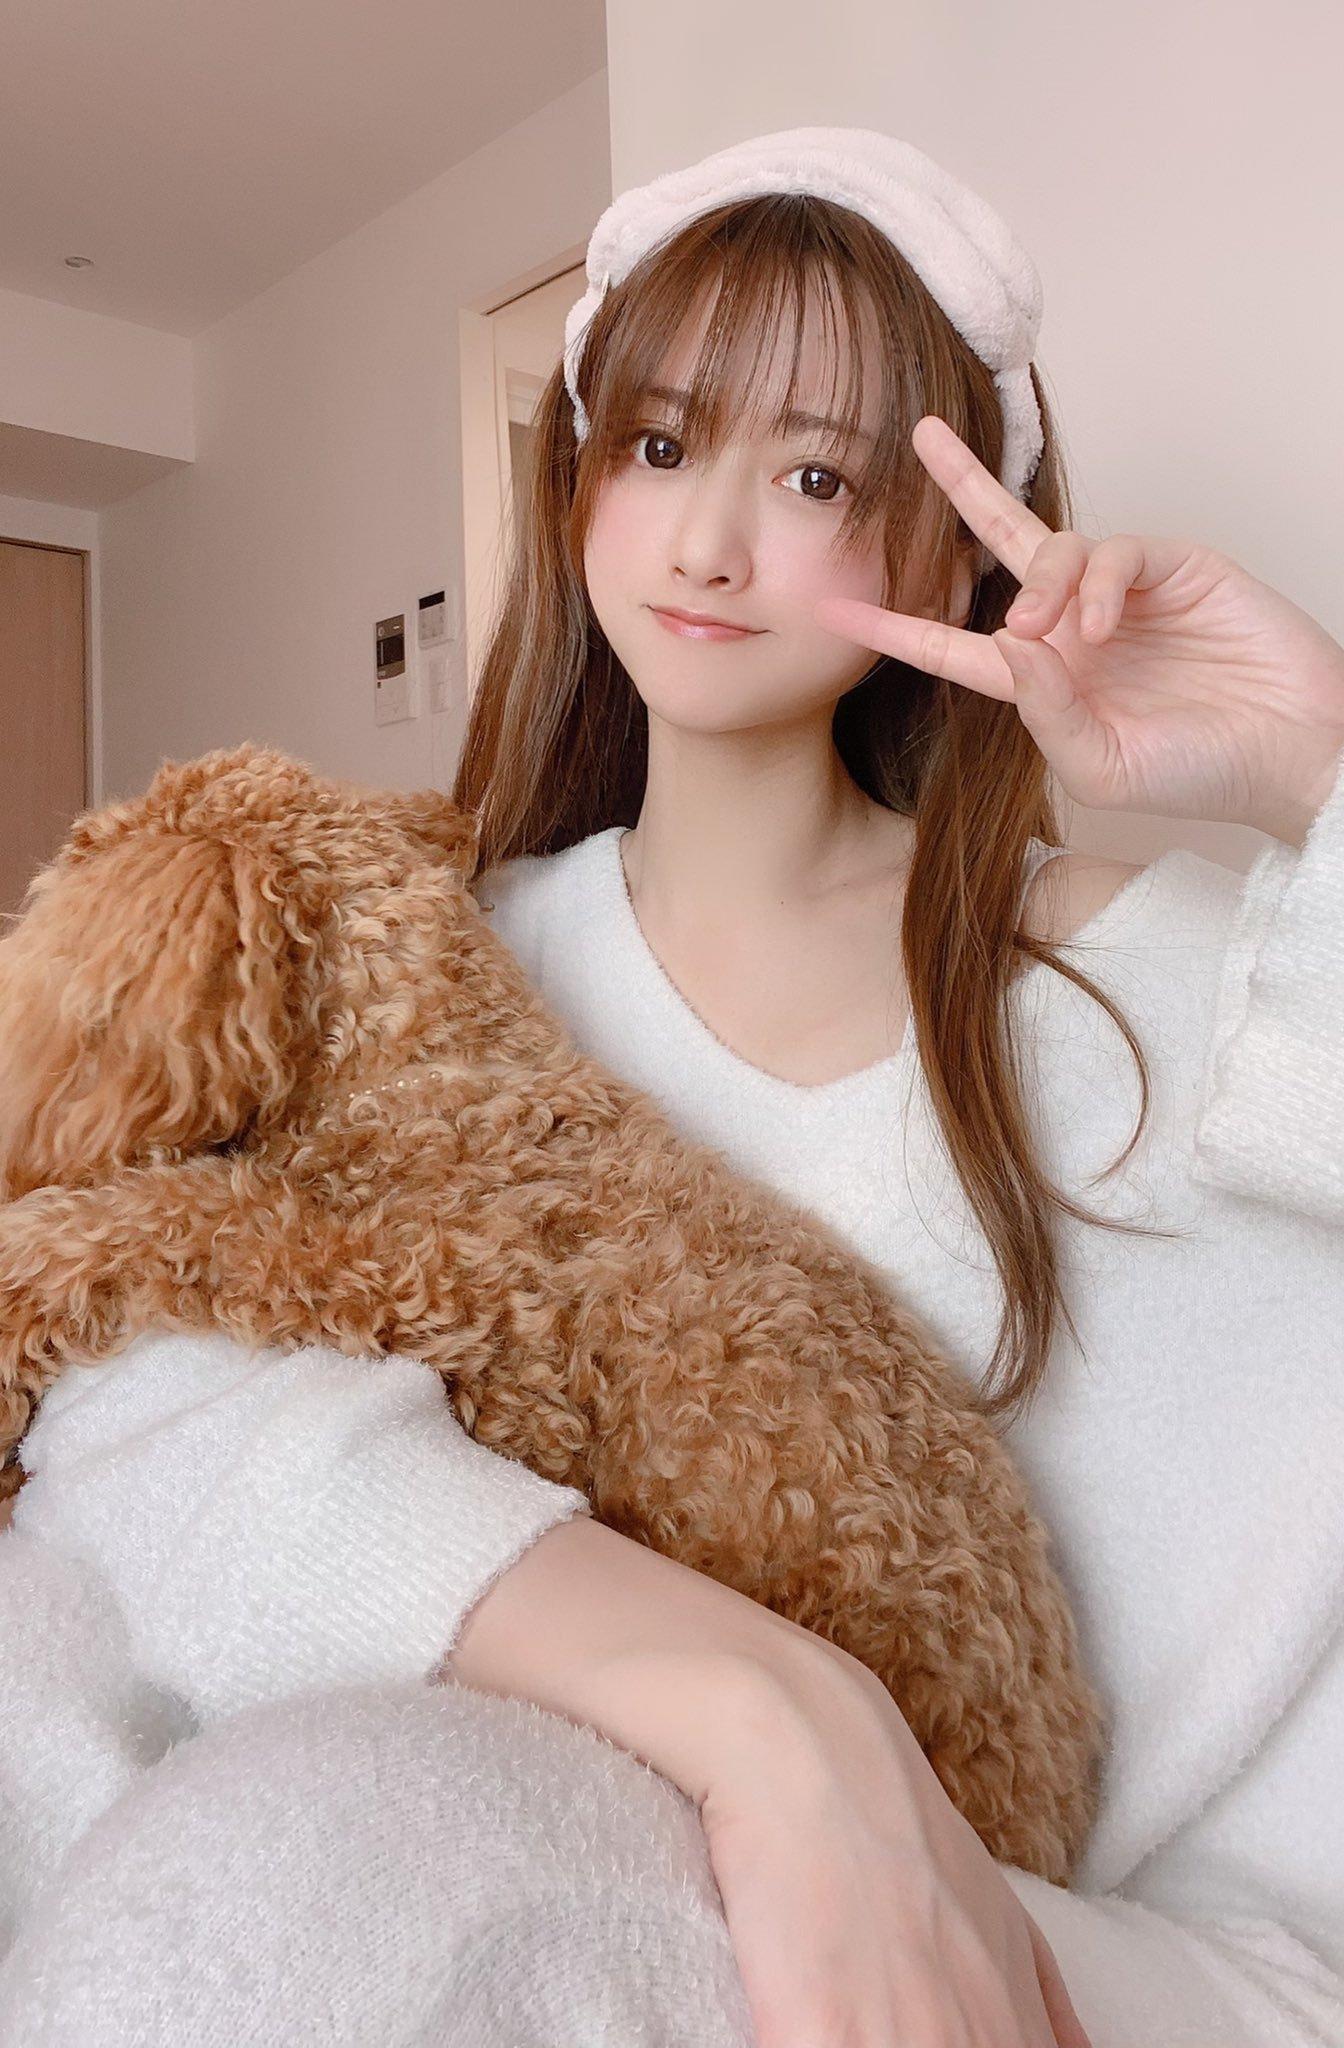 airi_kijima 1259142864077914112_p2